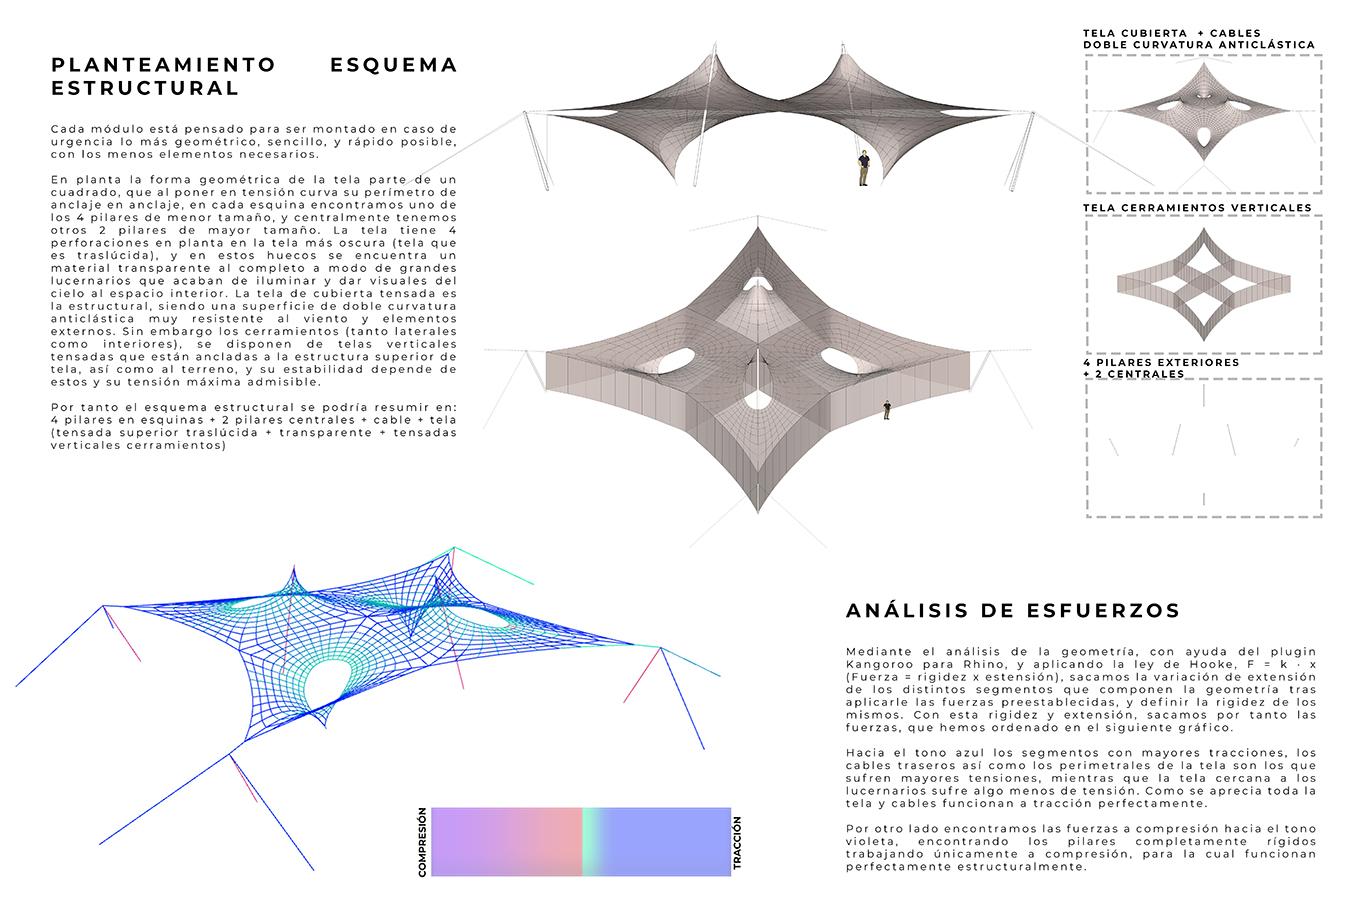 esquema estructural